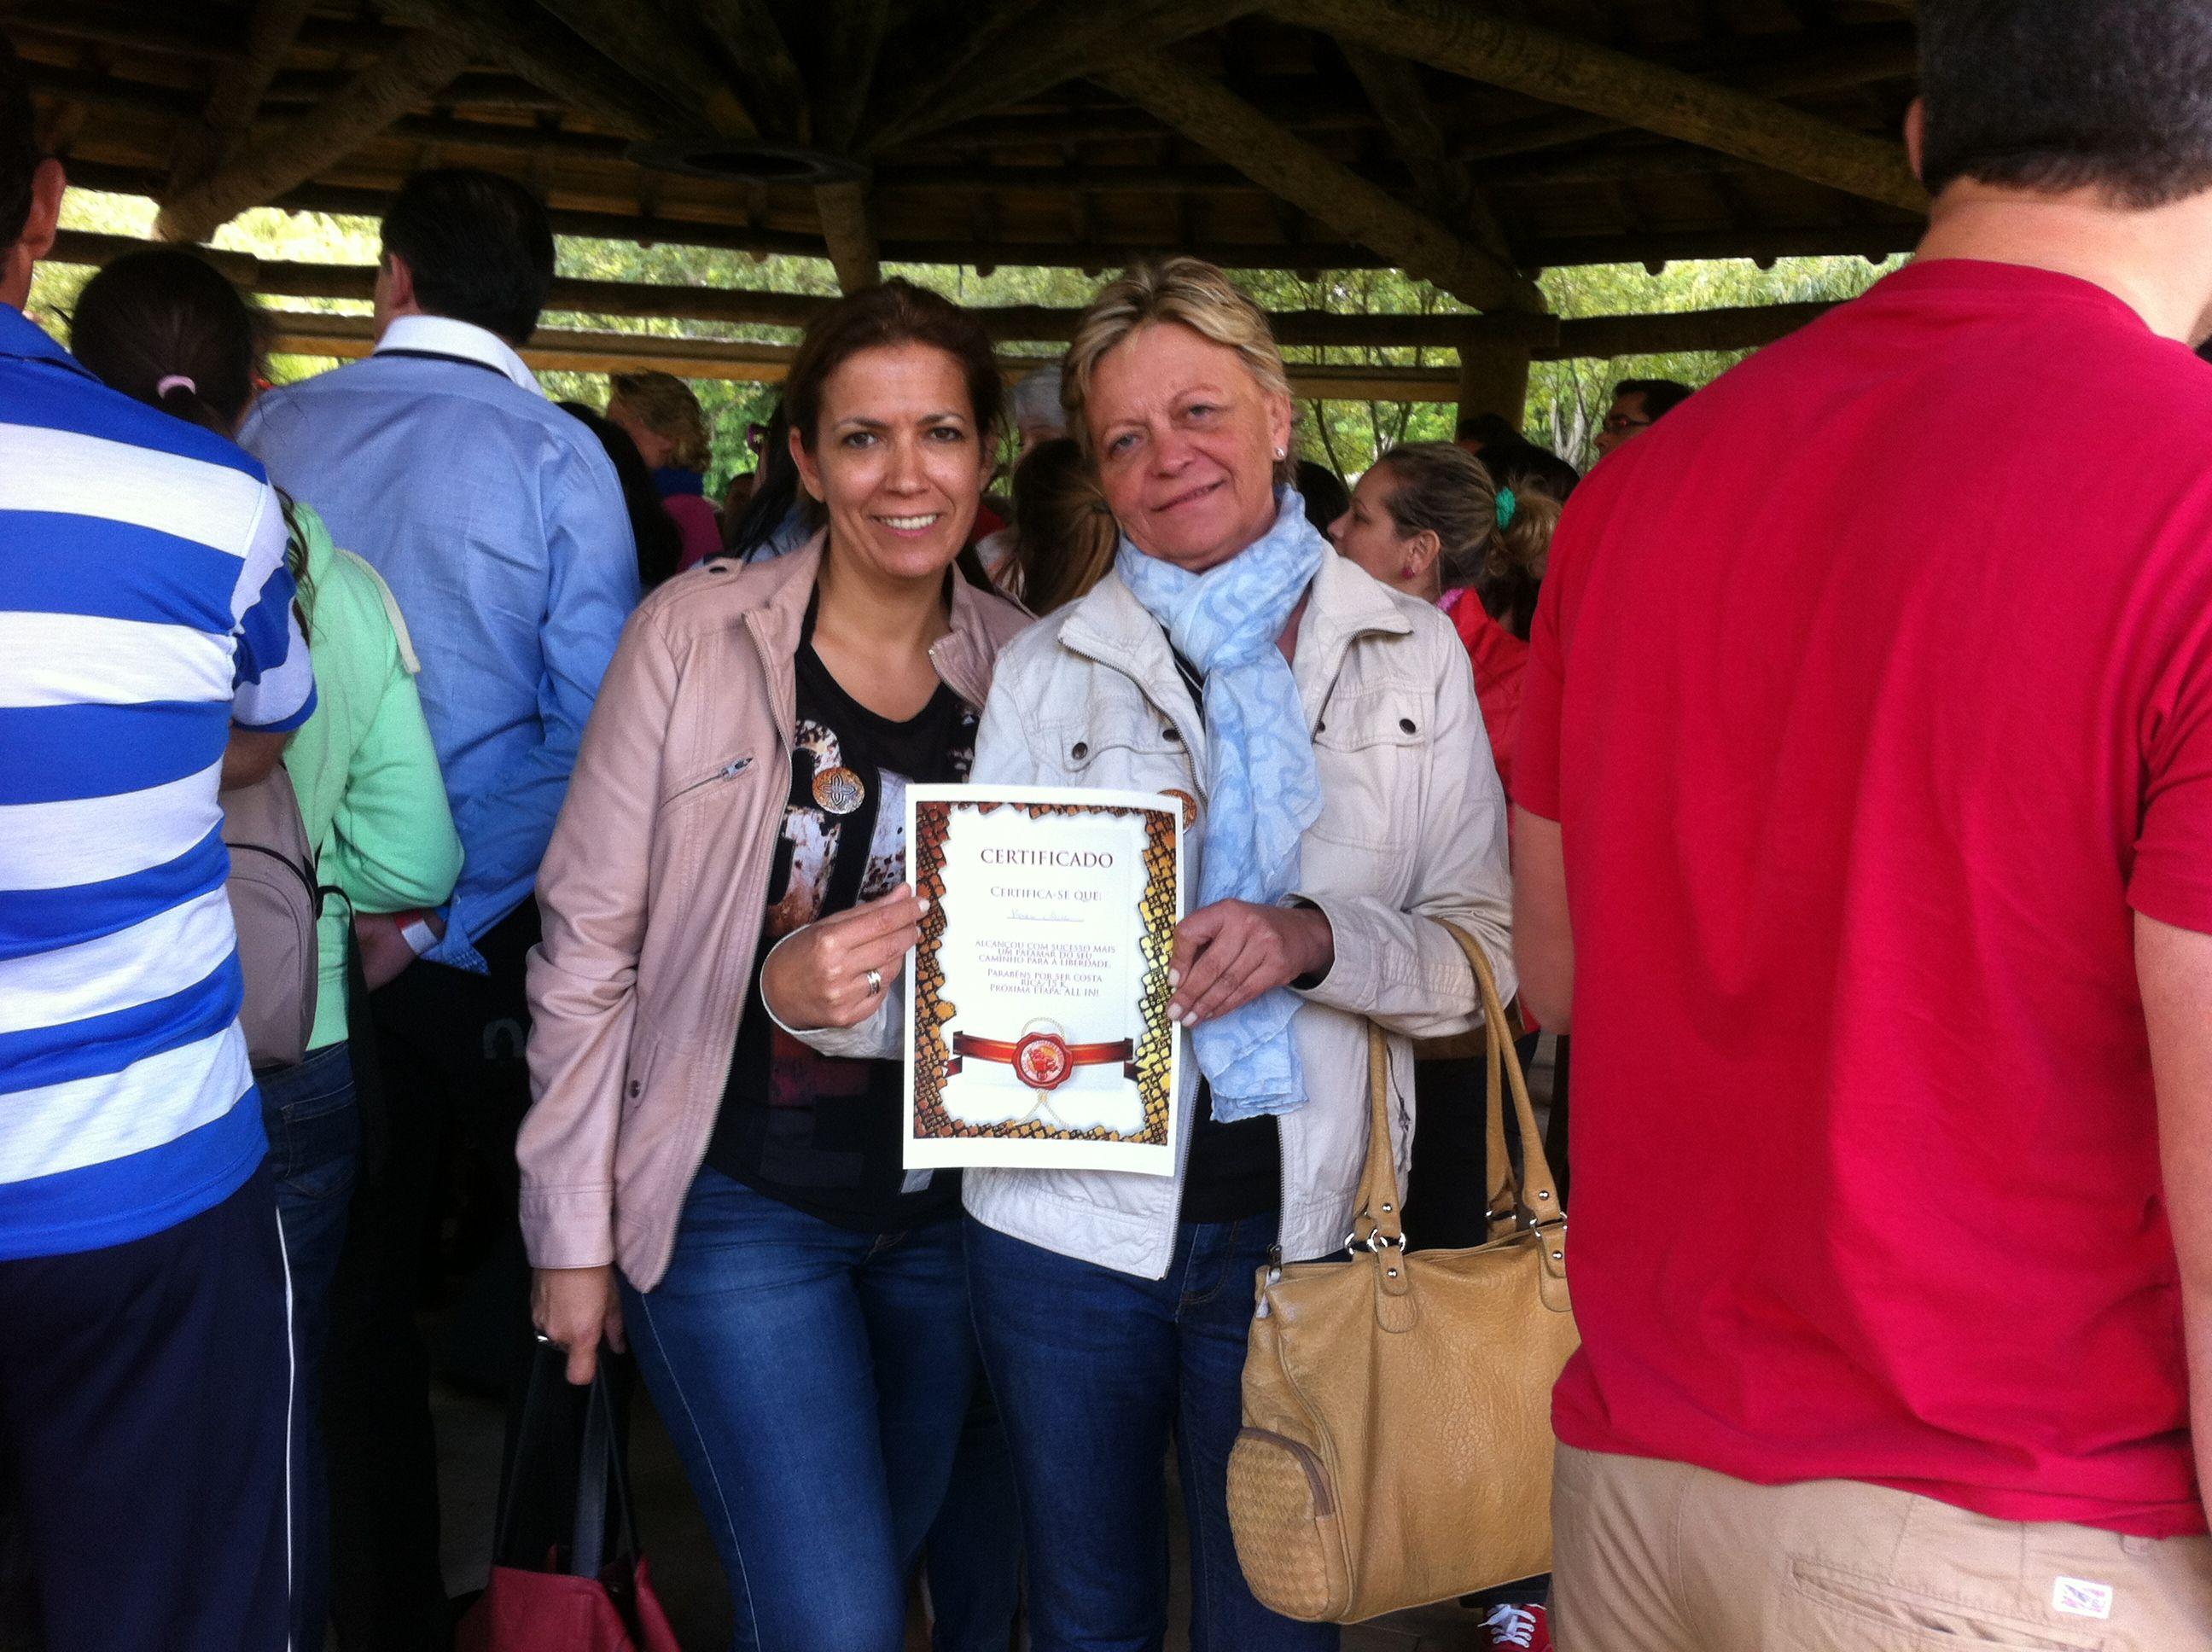 Con mi afiliada y amiga María Olmo, el día que decidió hacerse All-In. http://yvolveraempezar.com/pinterest